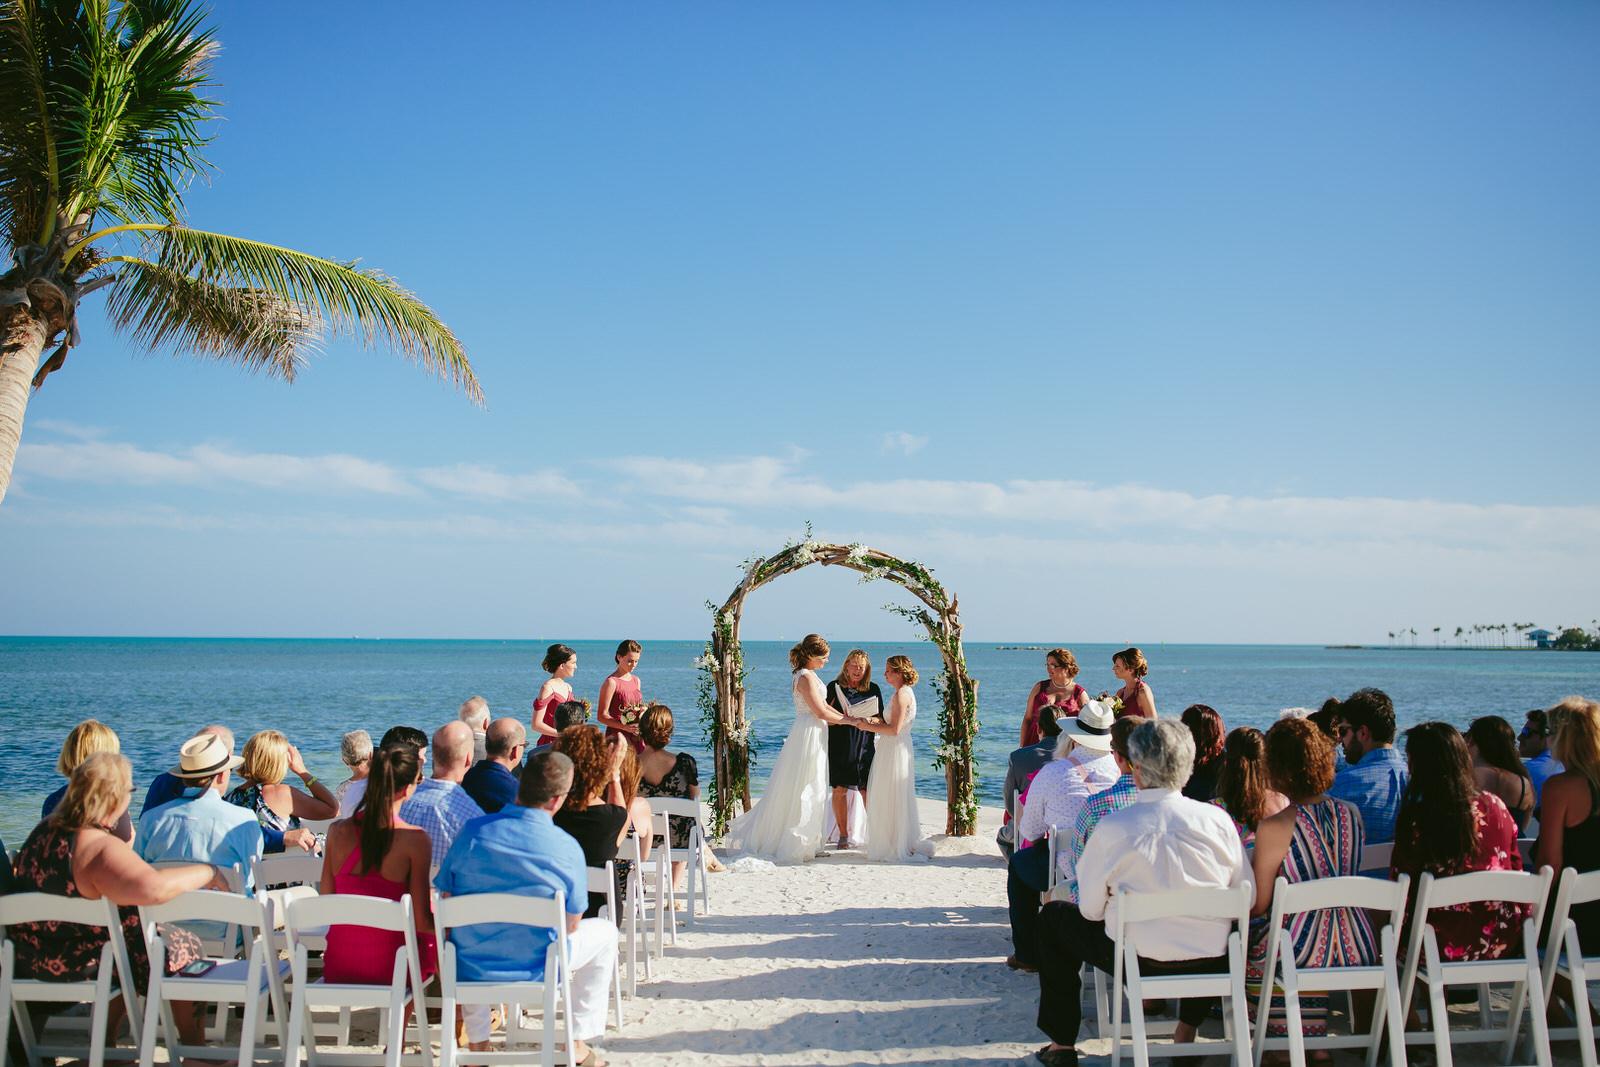 gay_friendly_wedding_photographer_destination_weddings_elopements_lesbian_gay_owned_worldwide_weddings.jpg